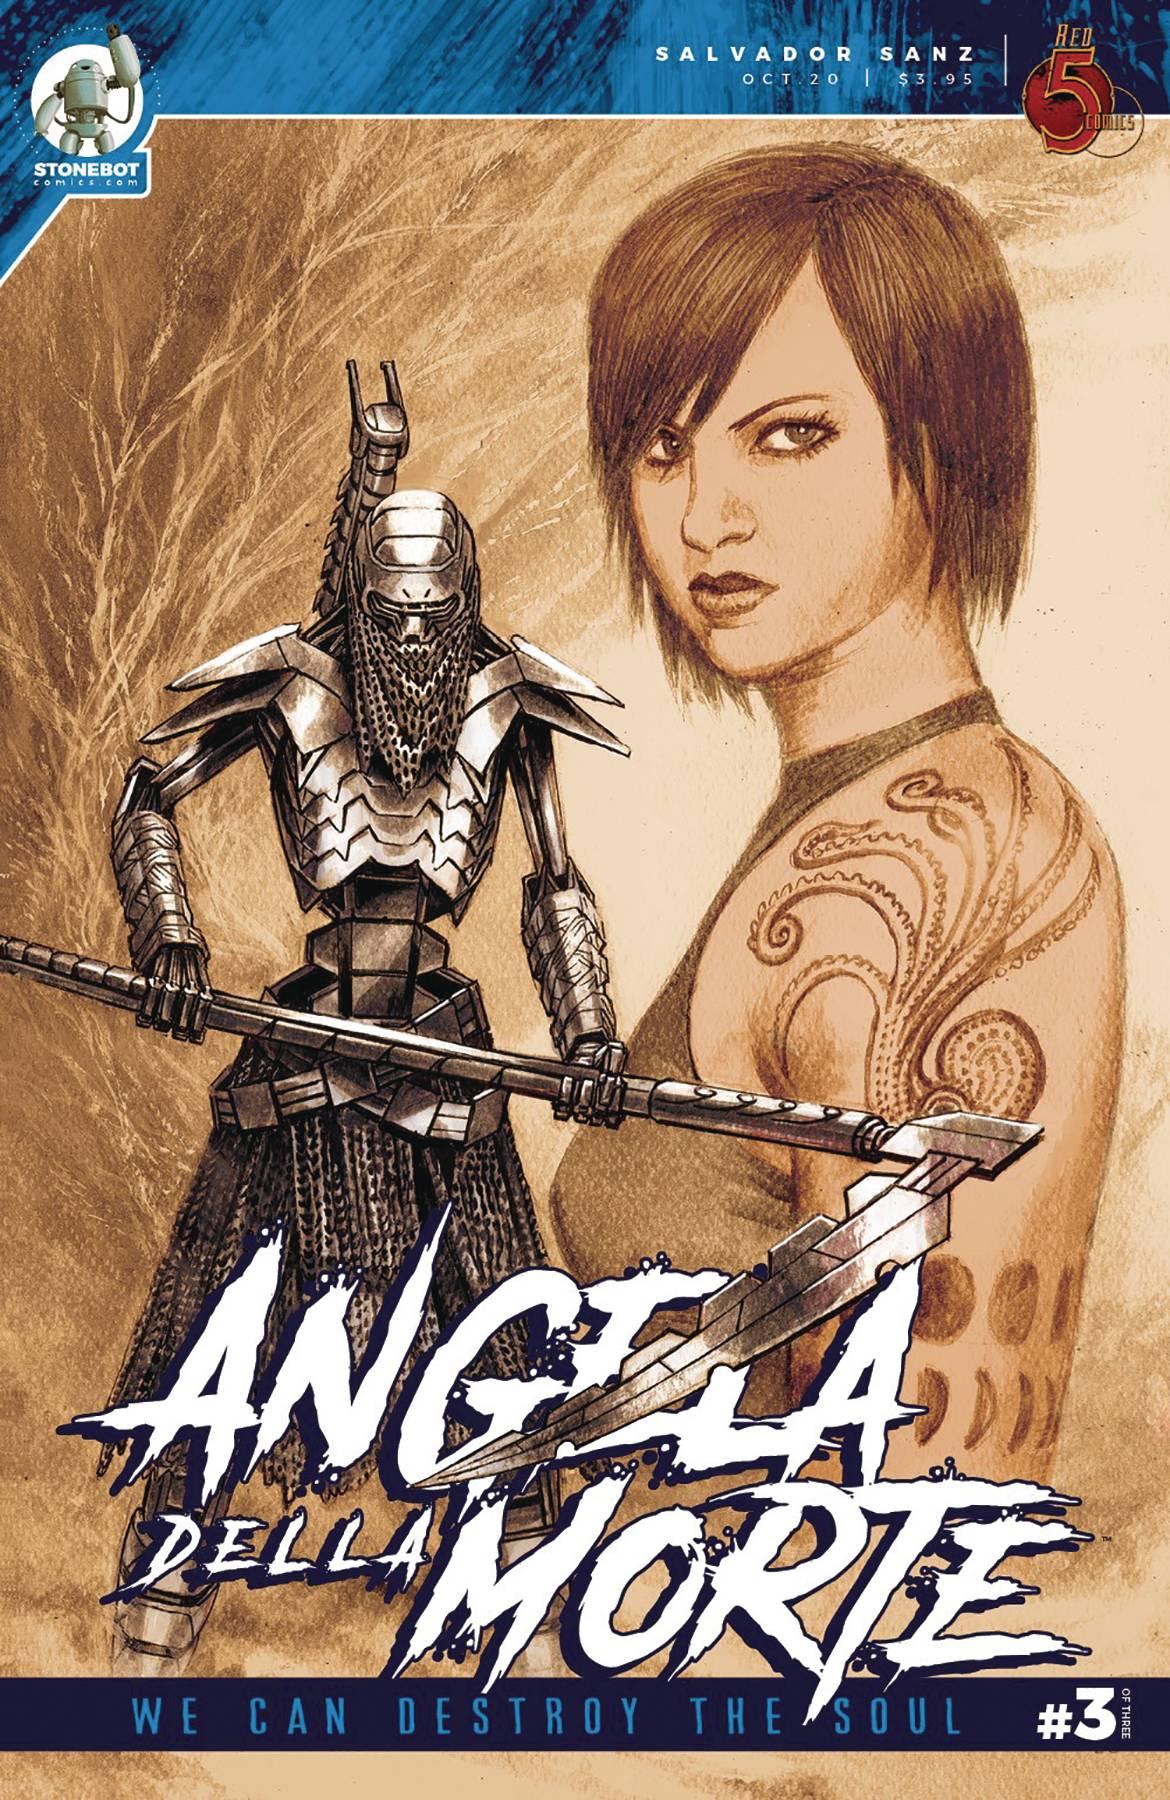 Angela Della Morte Vol 2 #3 (2020)